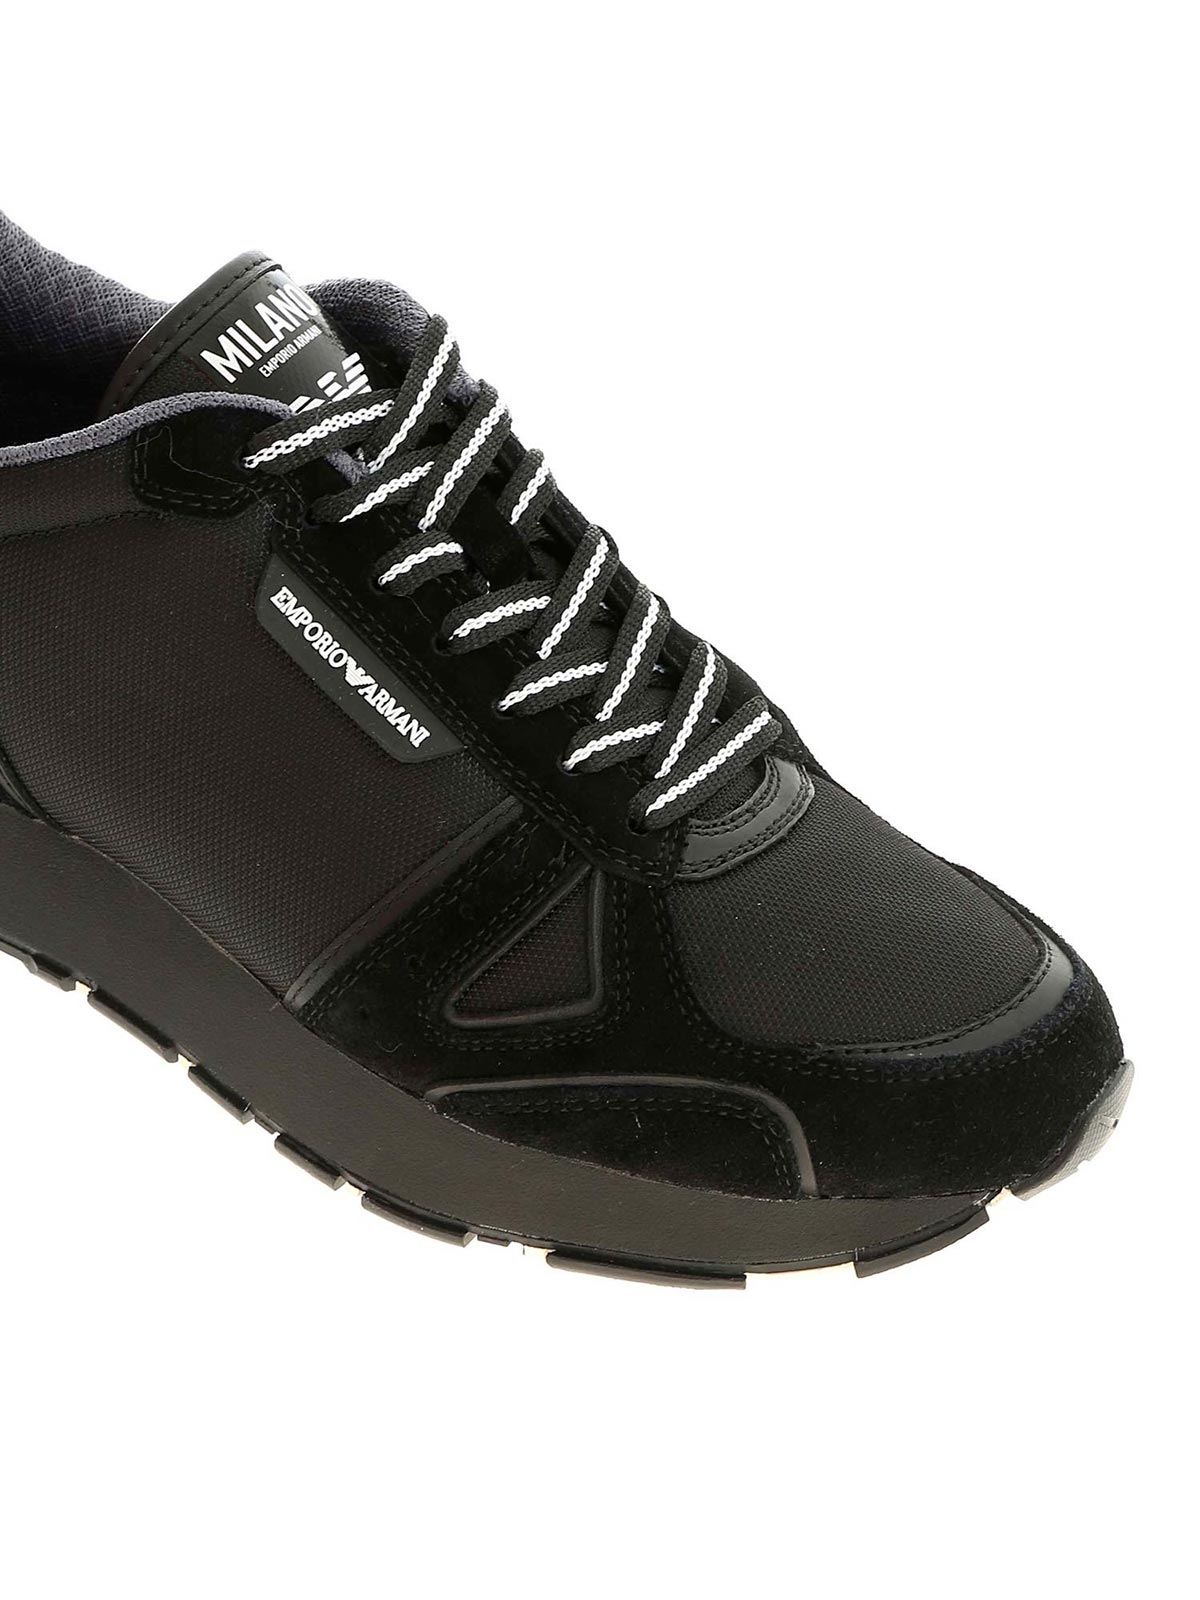 Picture of EMPORIO ARMANI   Men's Bicolor Leather Sneakers